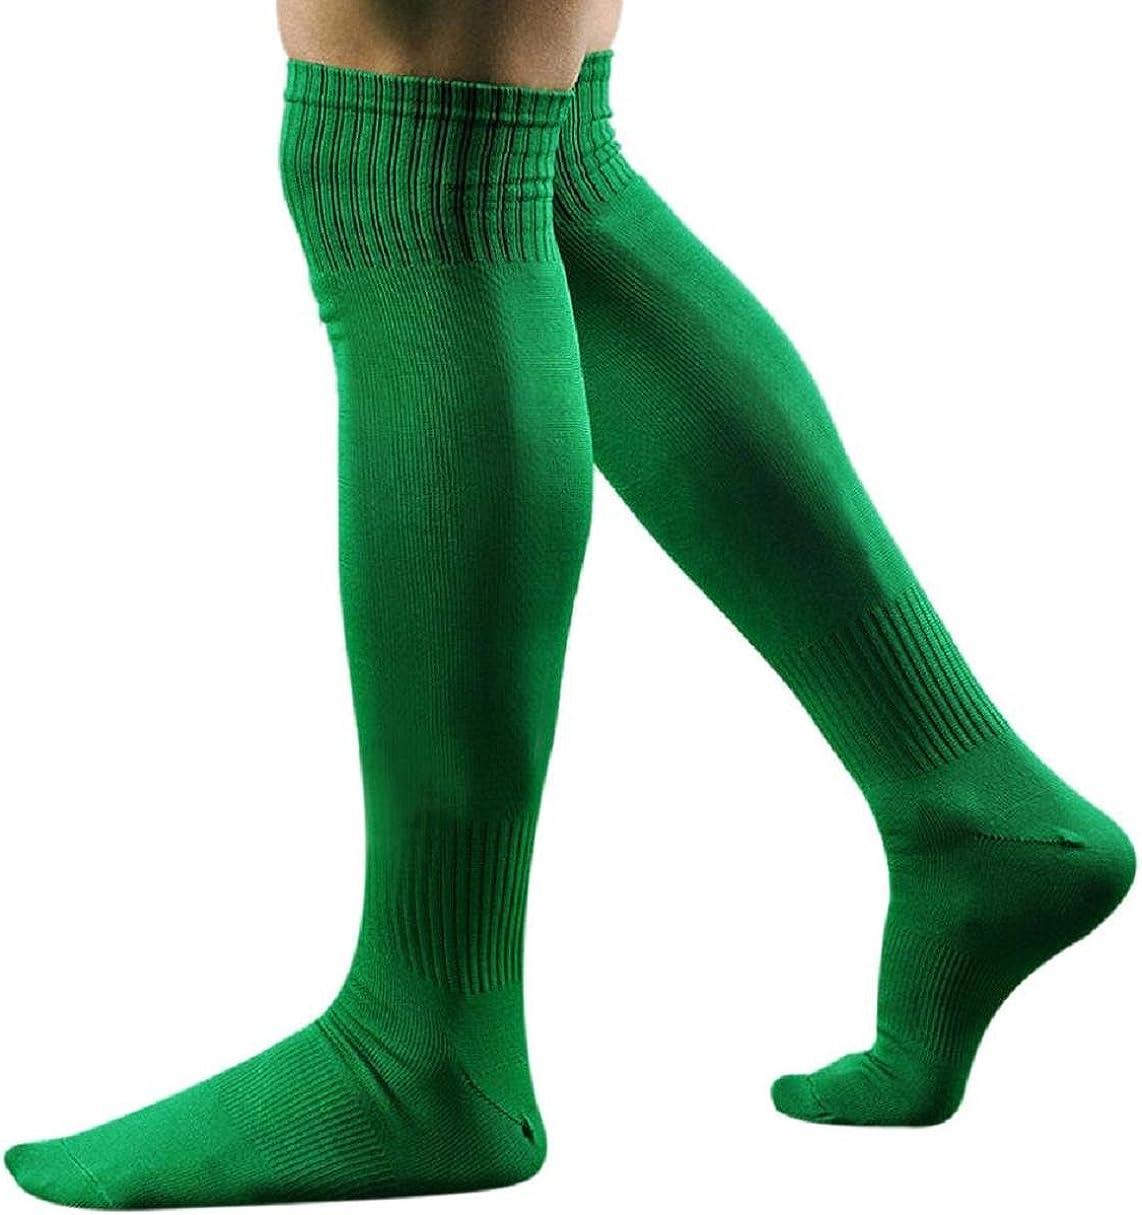 Witspace Men Football Long Socks Over Knee High Baseball Hockey Sport Socks